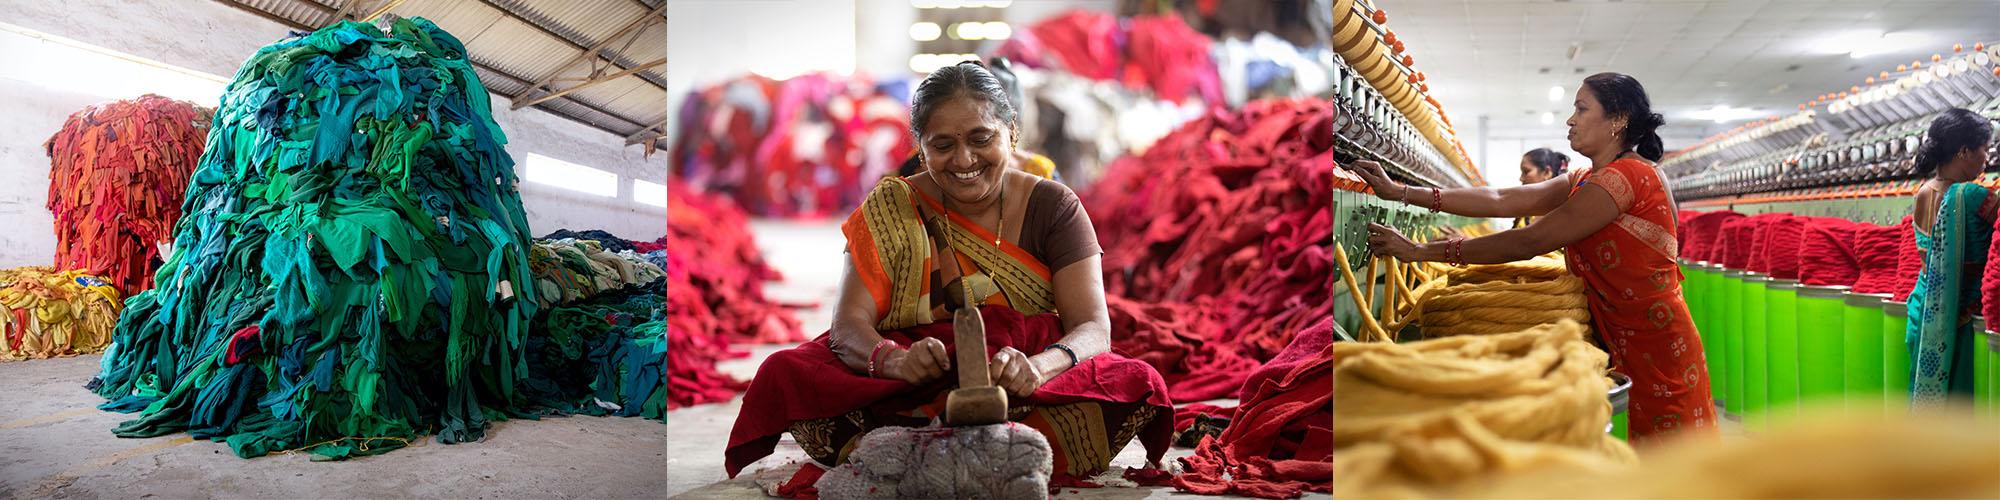 Reborn-Wool-Fabrik-Indien